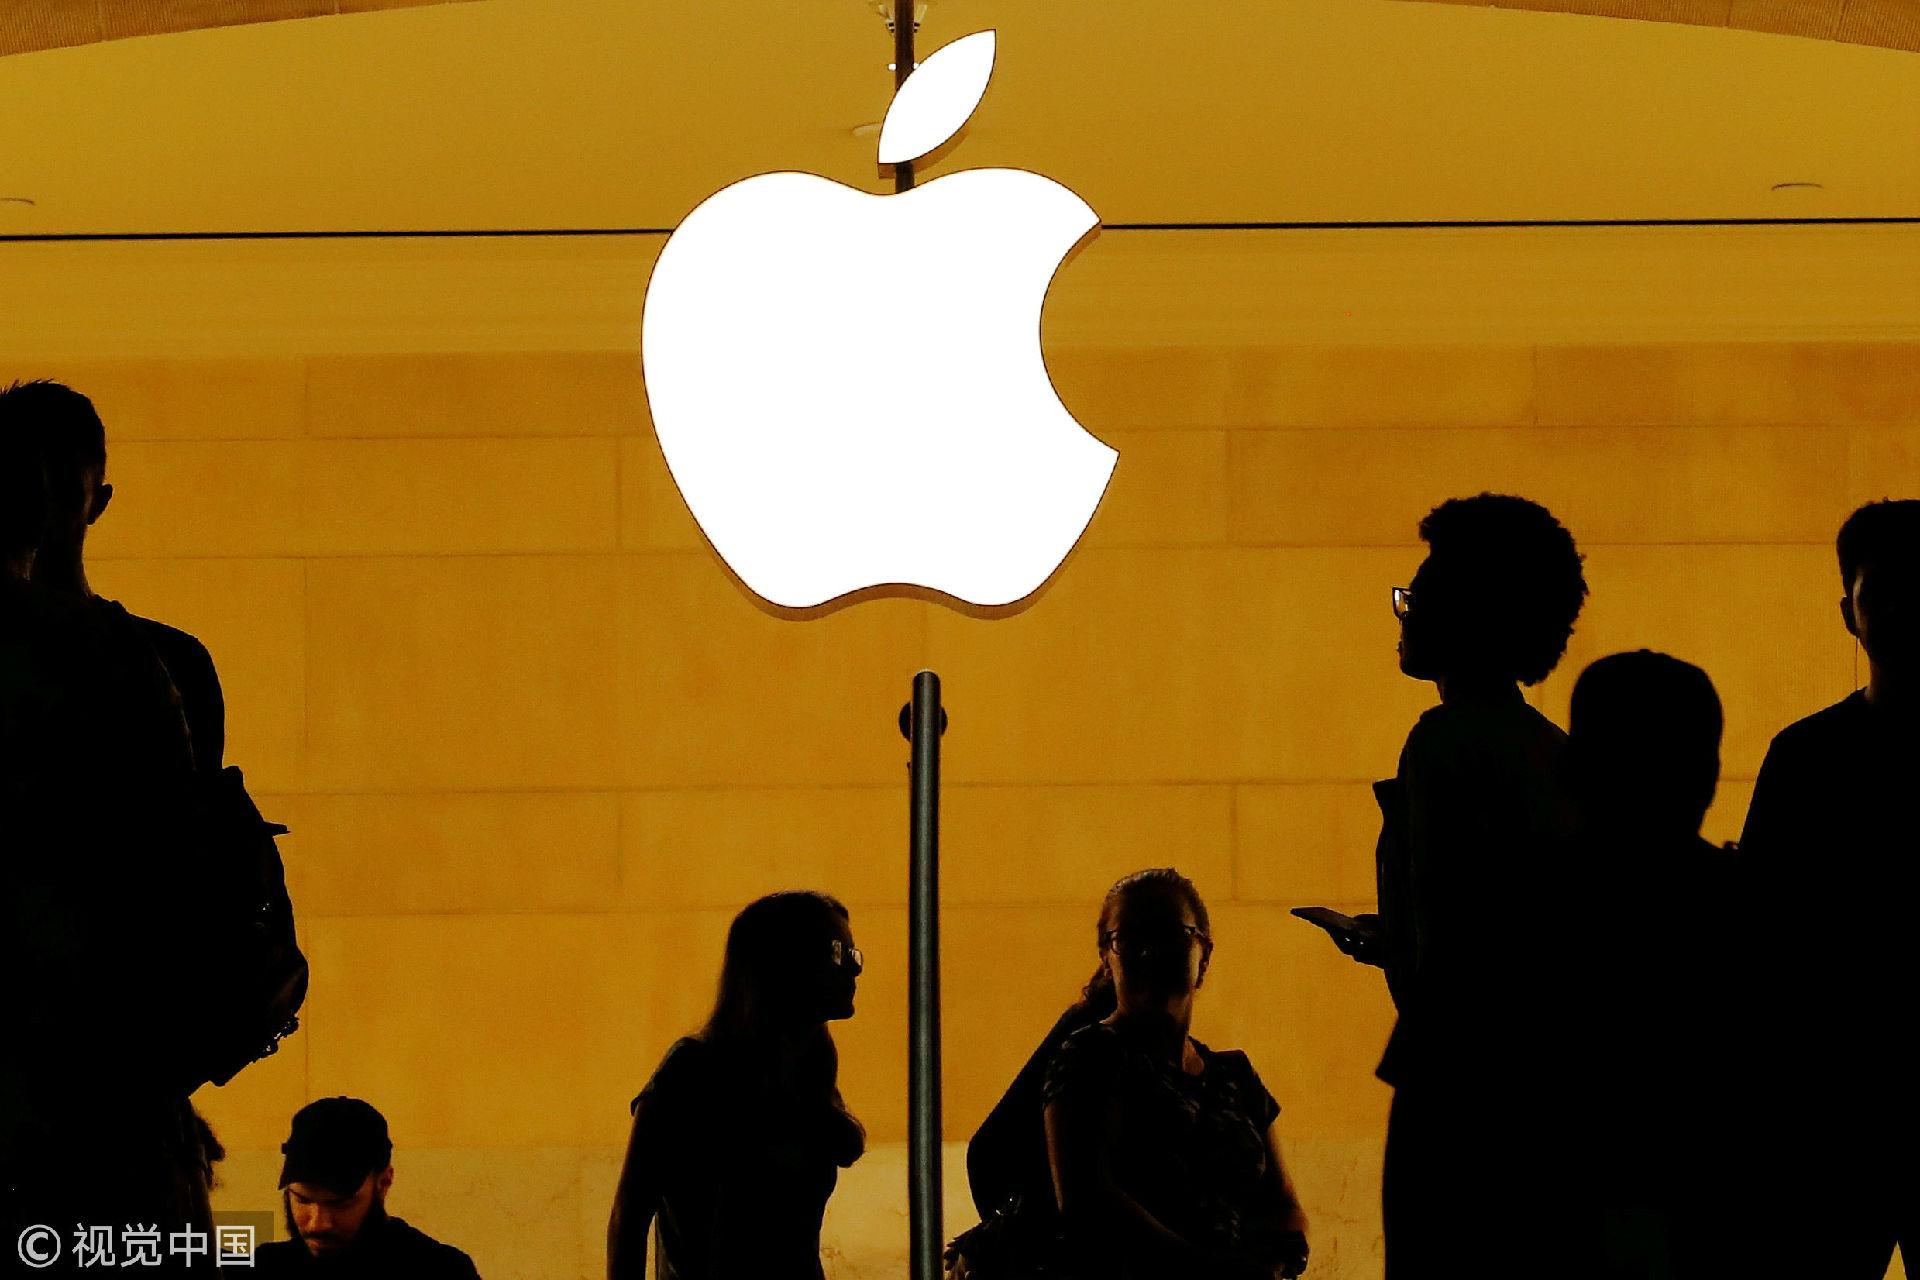 苹果过半数手机在华或禁售,苹果称将上诉